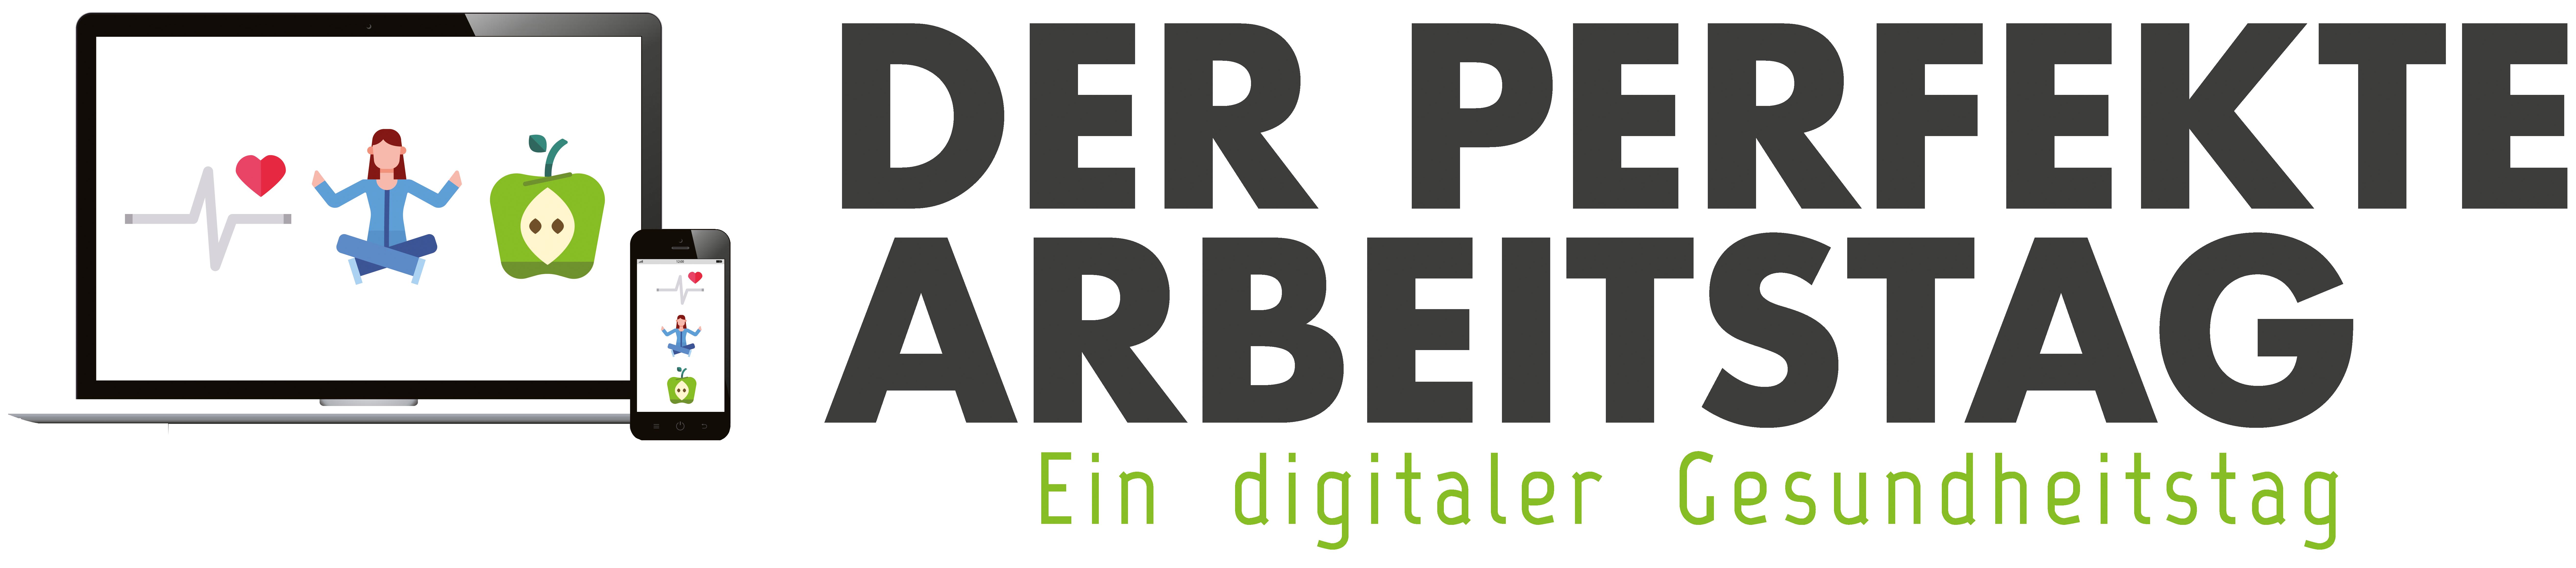 Logo Der perfekte Arbeitstag